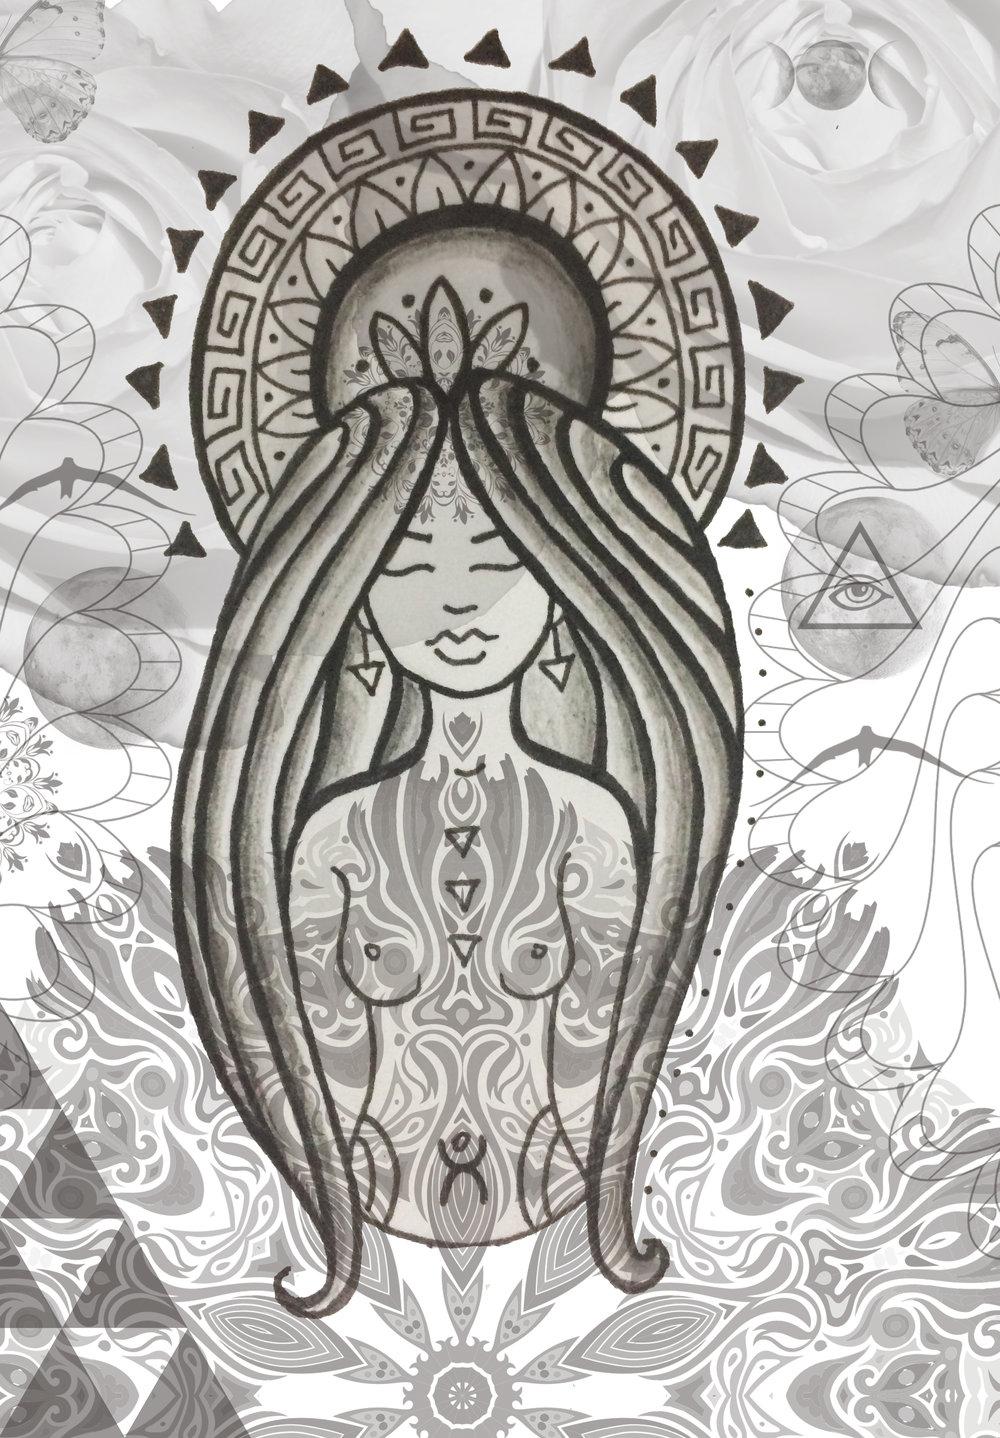 anahera maori angel spirituality aio peace wairua aroha art toi maori new zealand